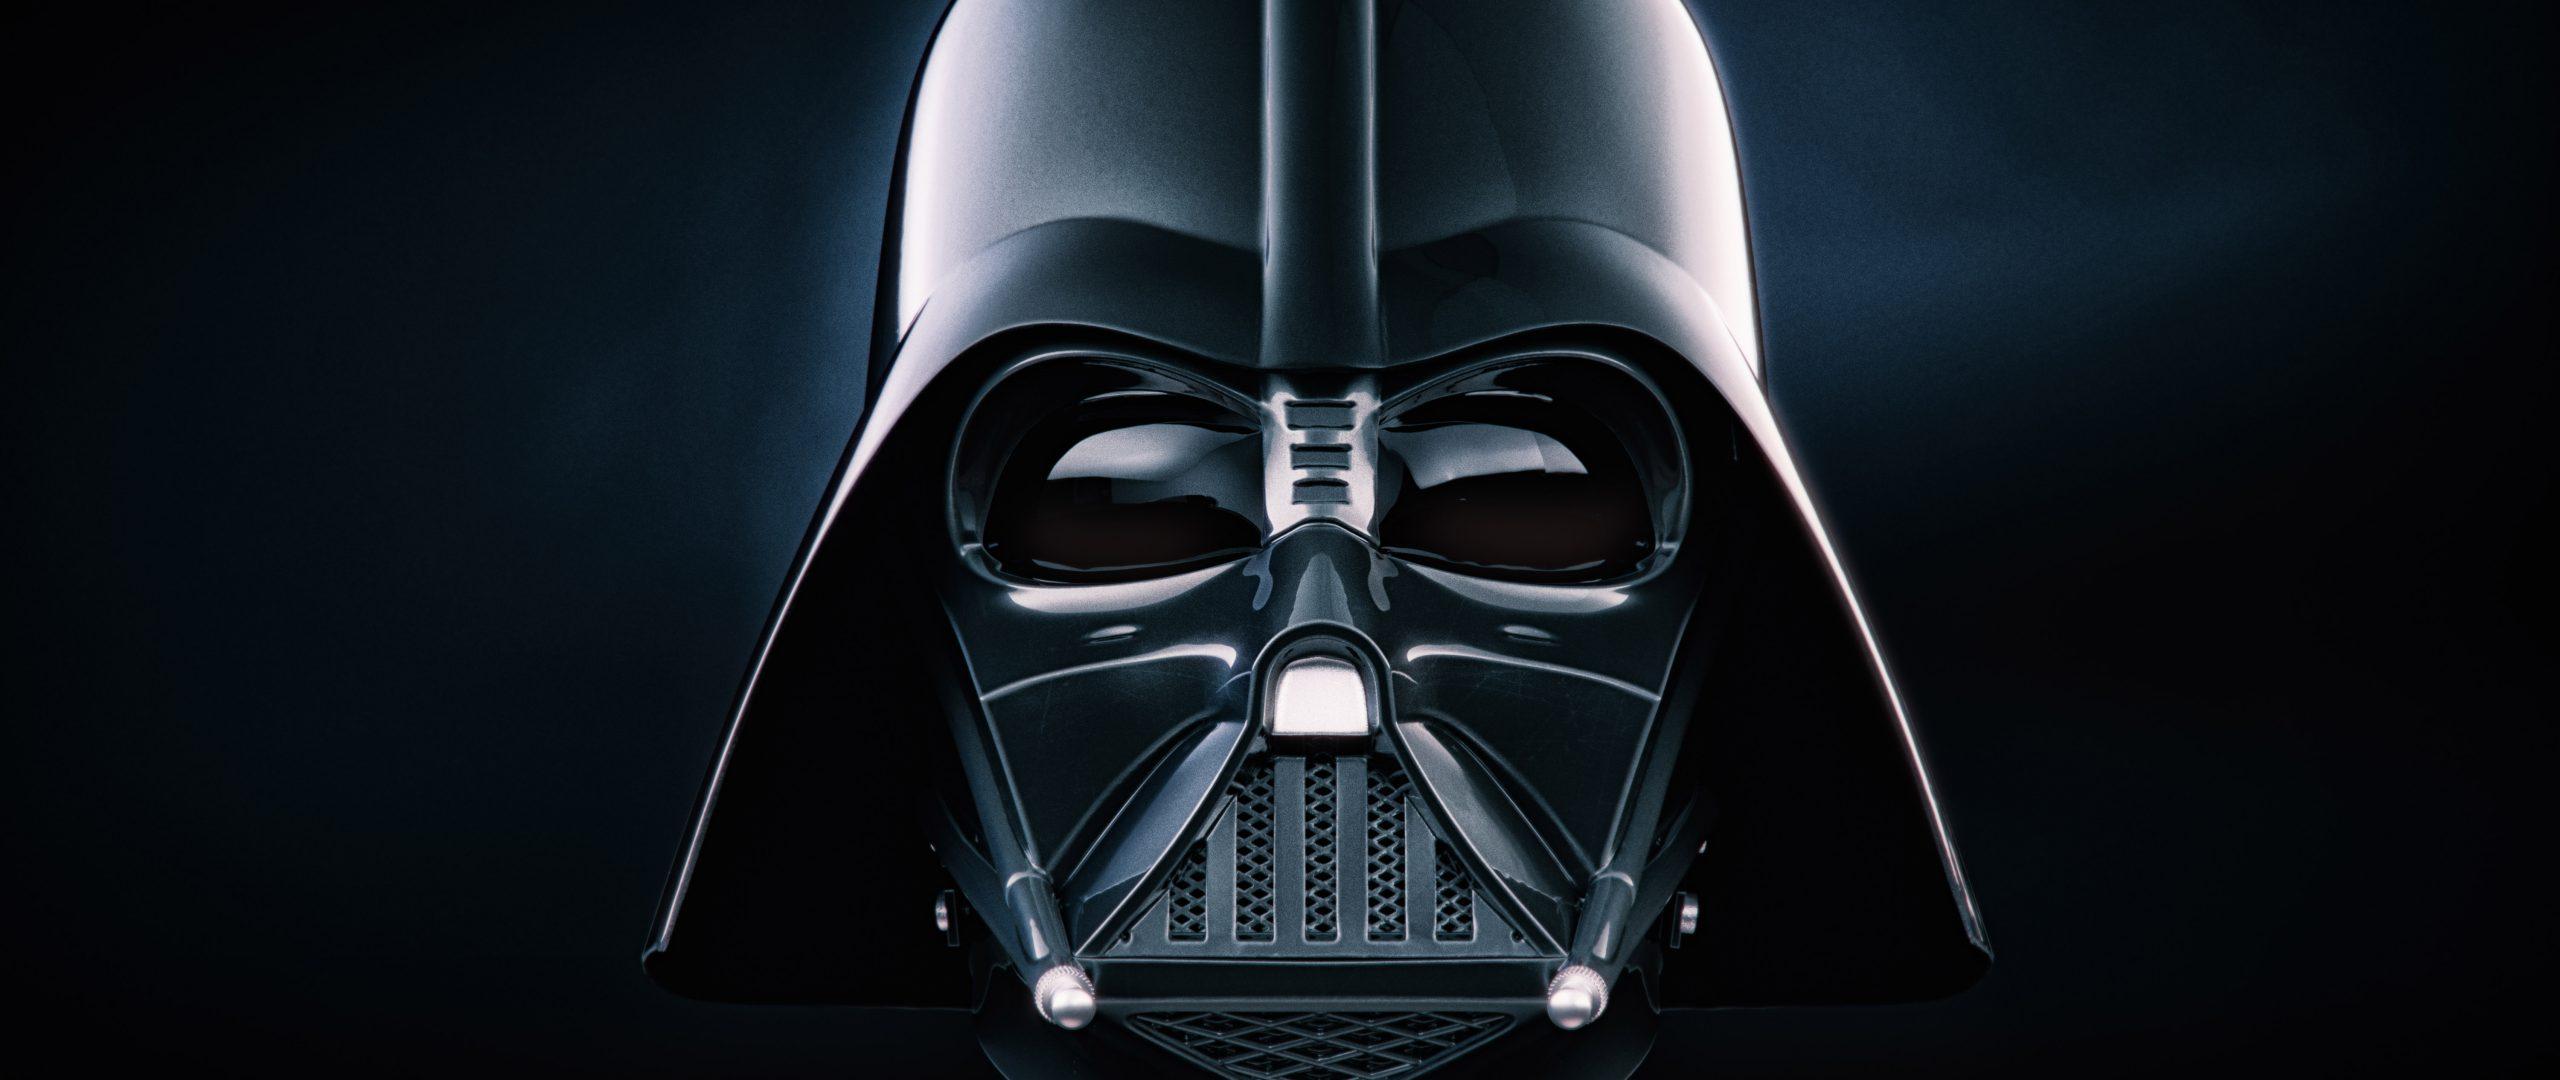 Star Wars Darth Vader Movie 5k Wallpaper Best Wallpapers